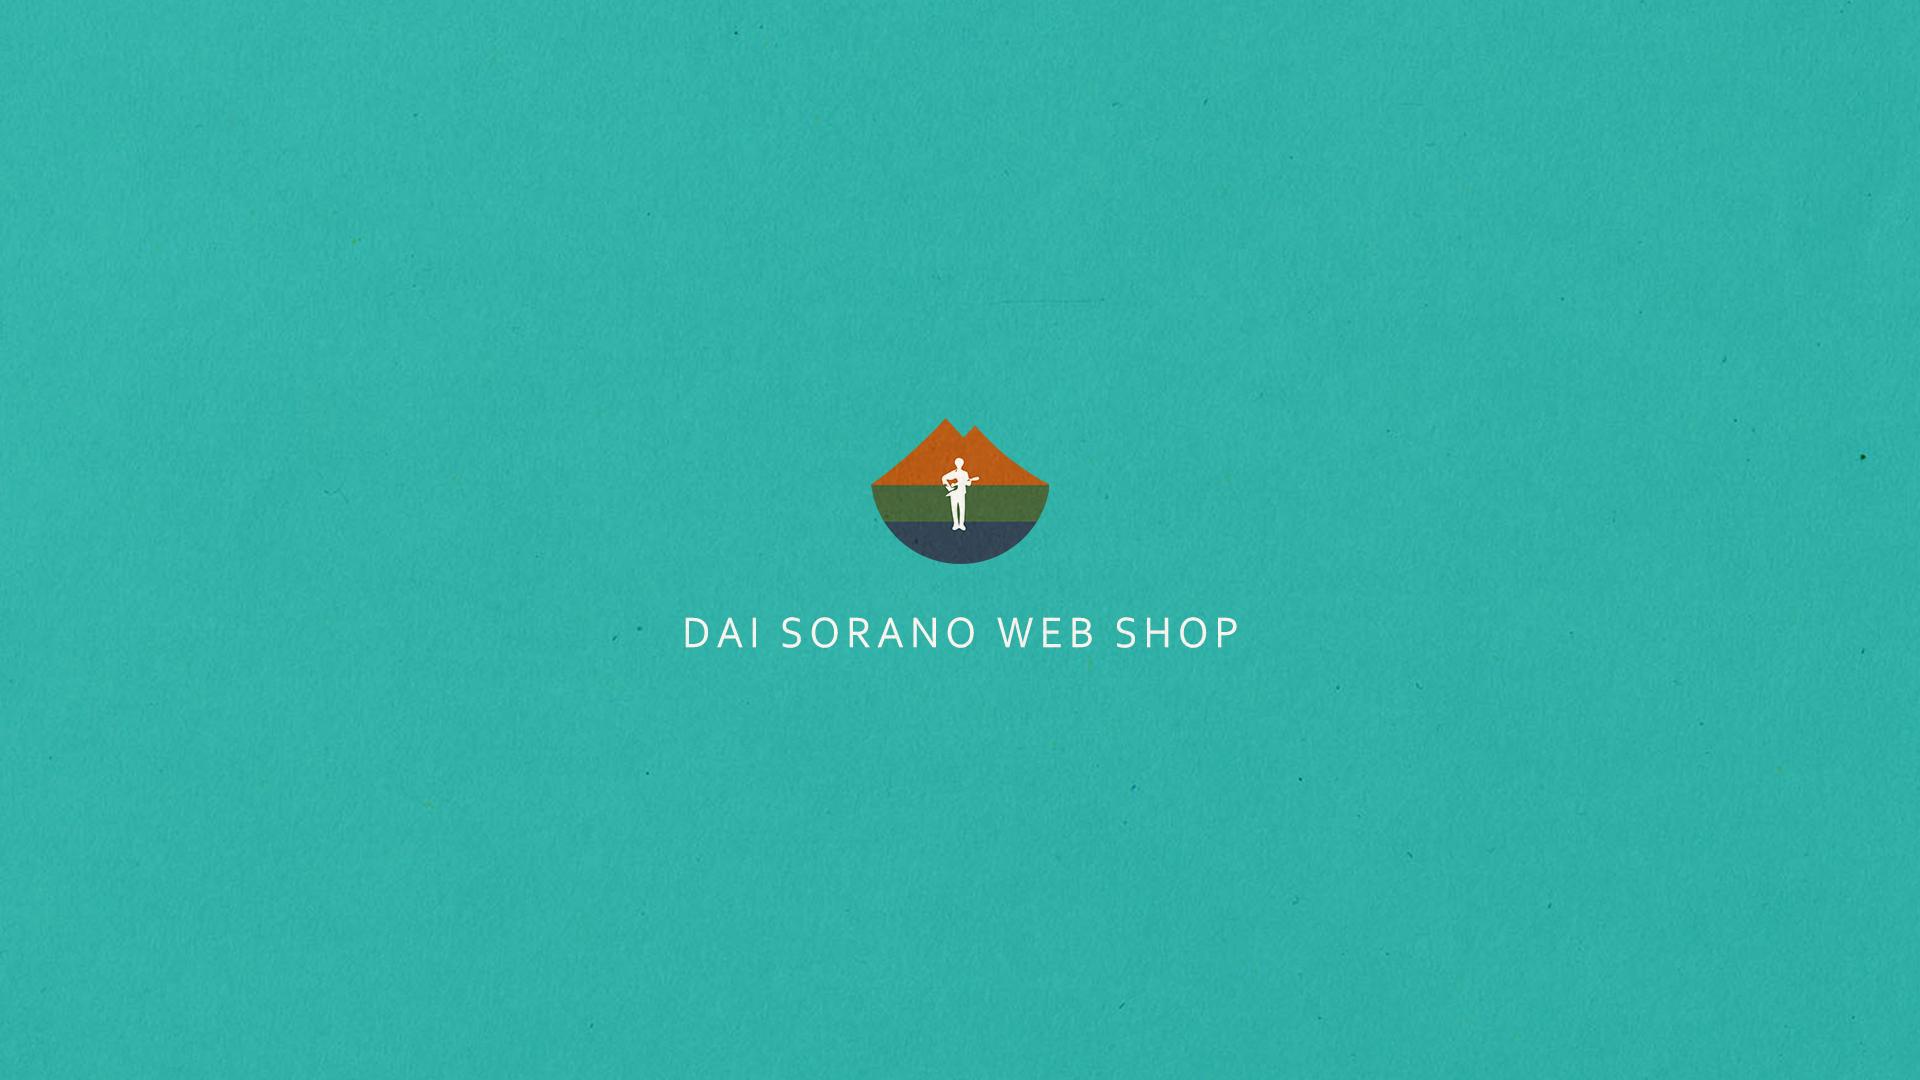 DAI SORANO WEB SHOP